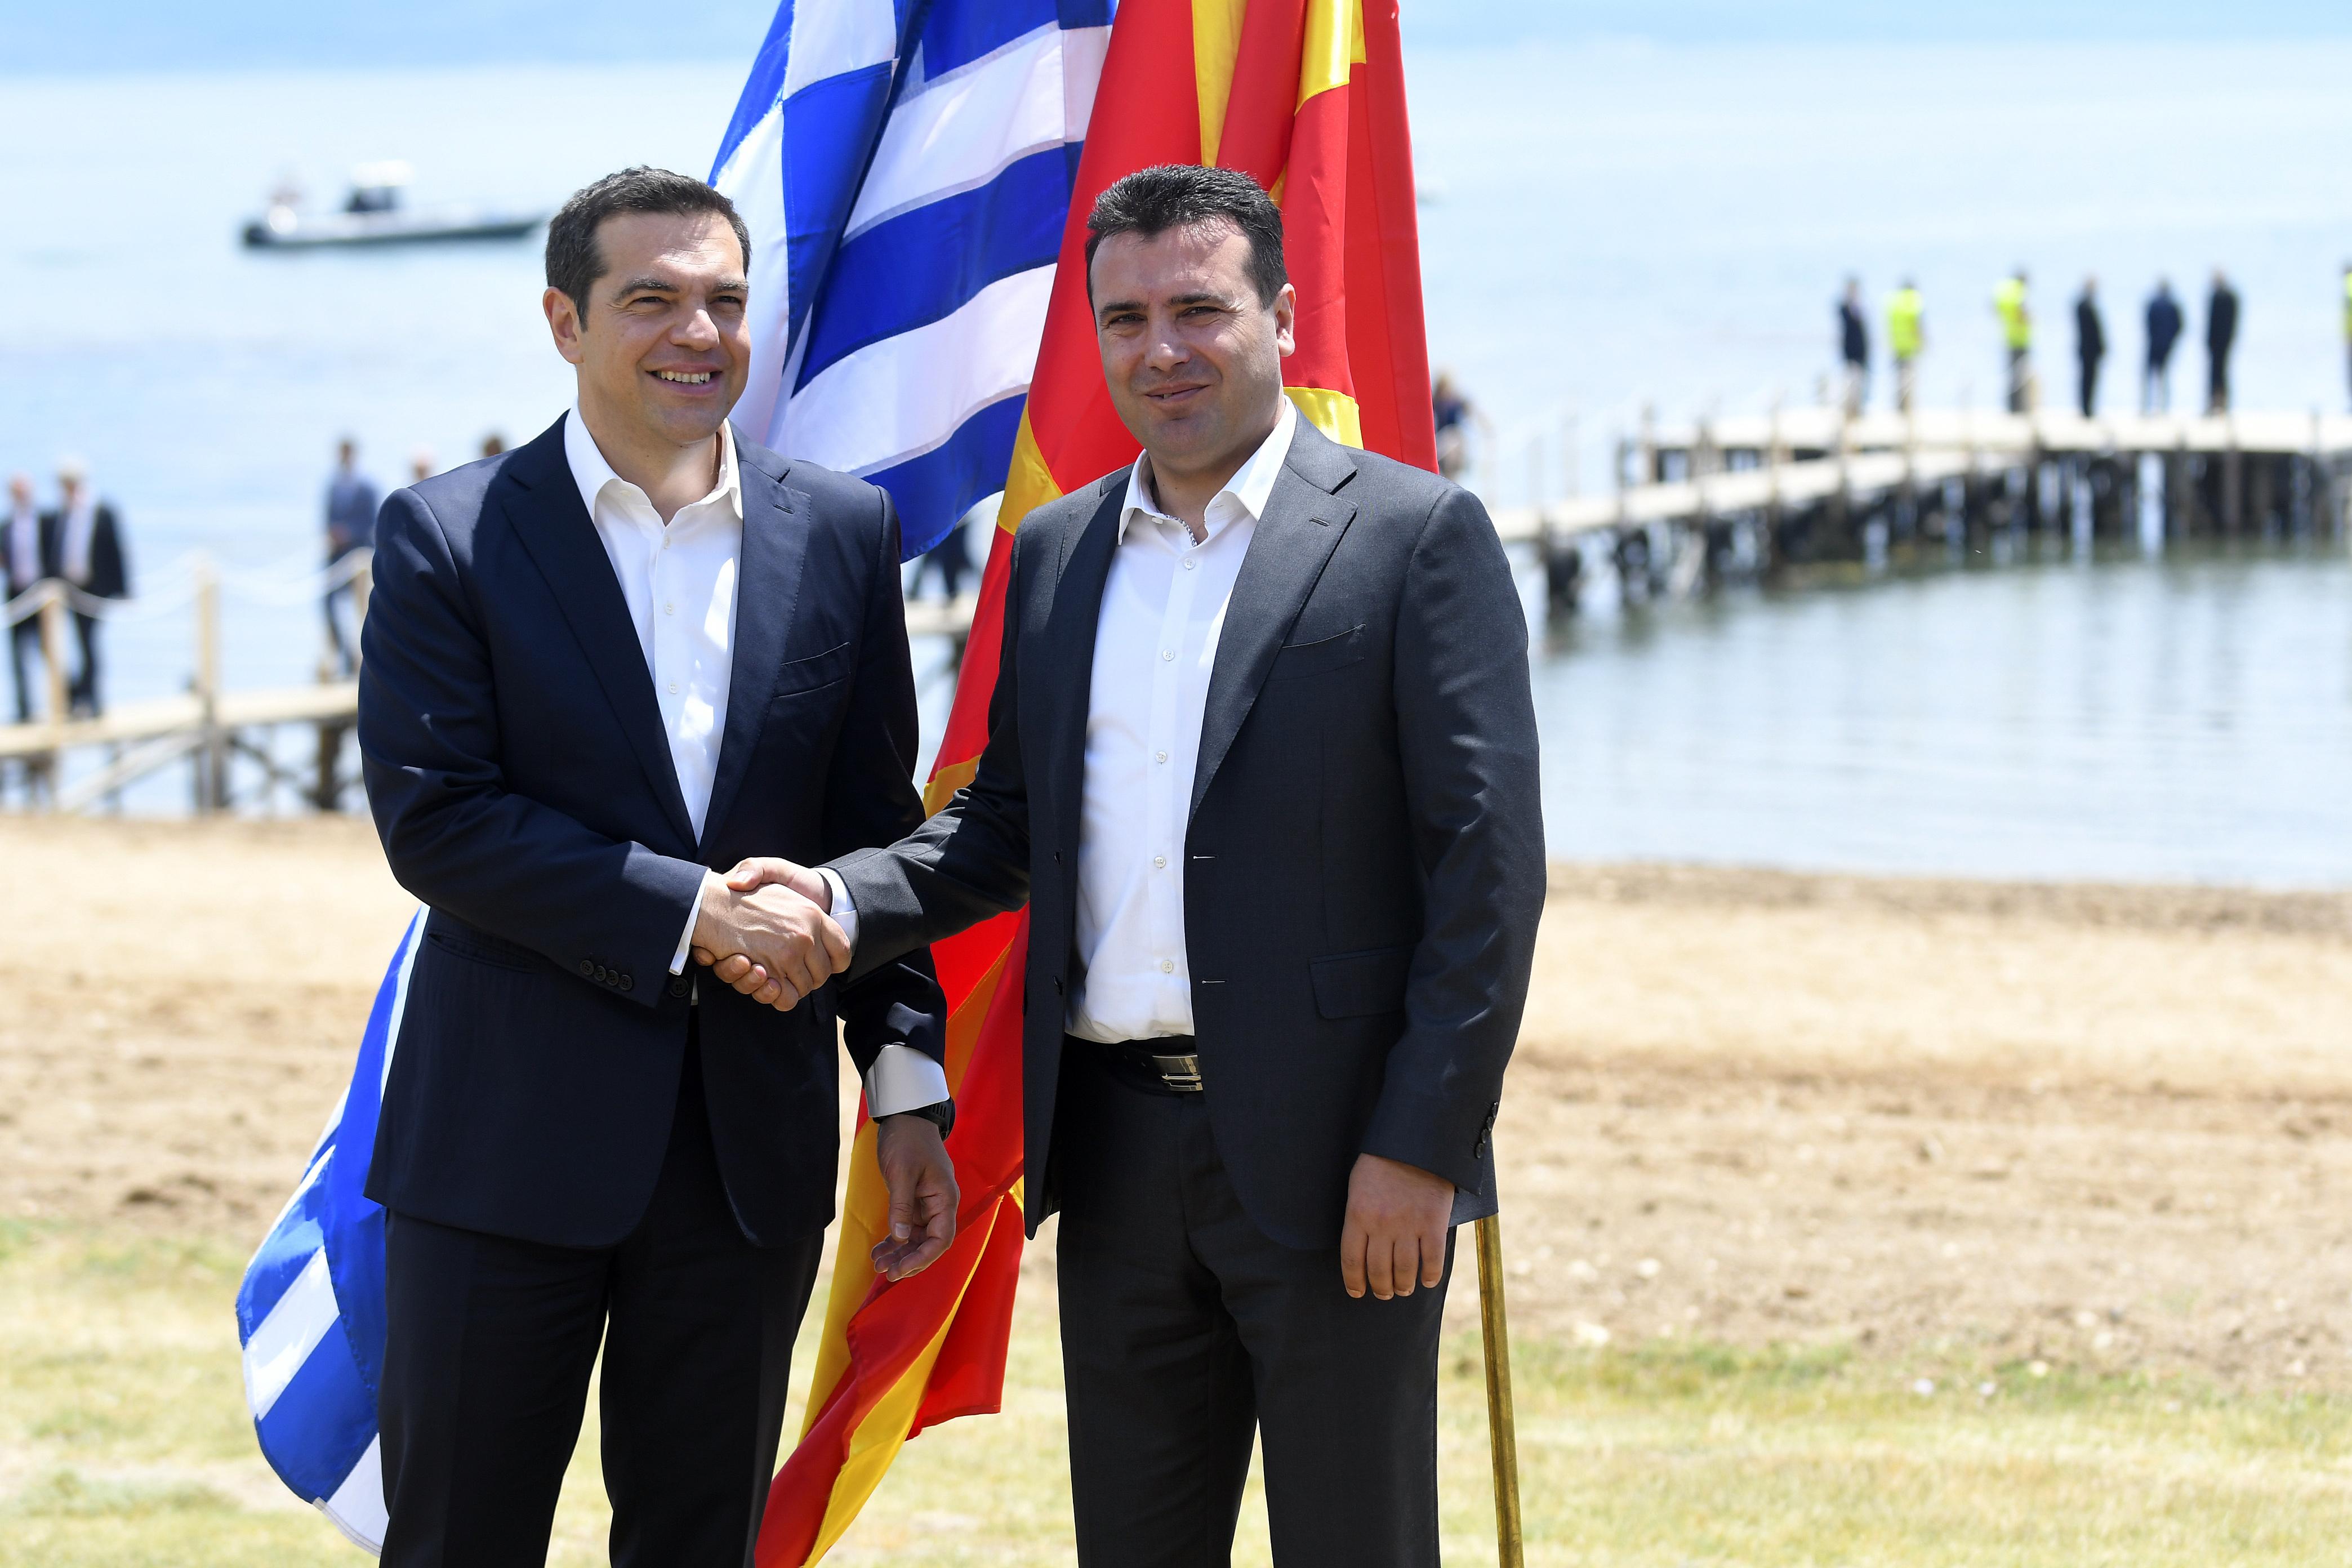 Vasárnap fordulóponthoz érkezik Macedónia történelme